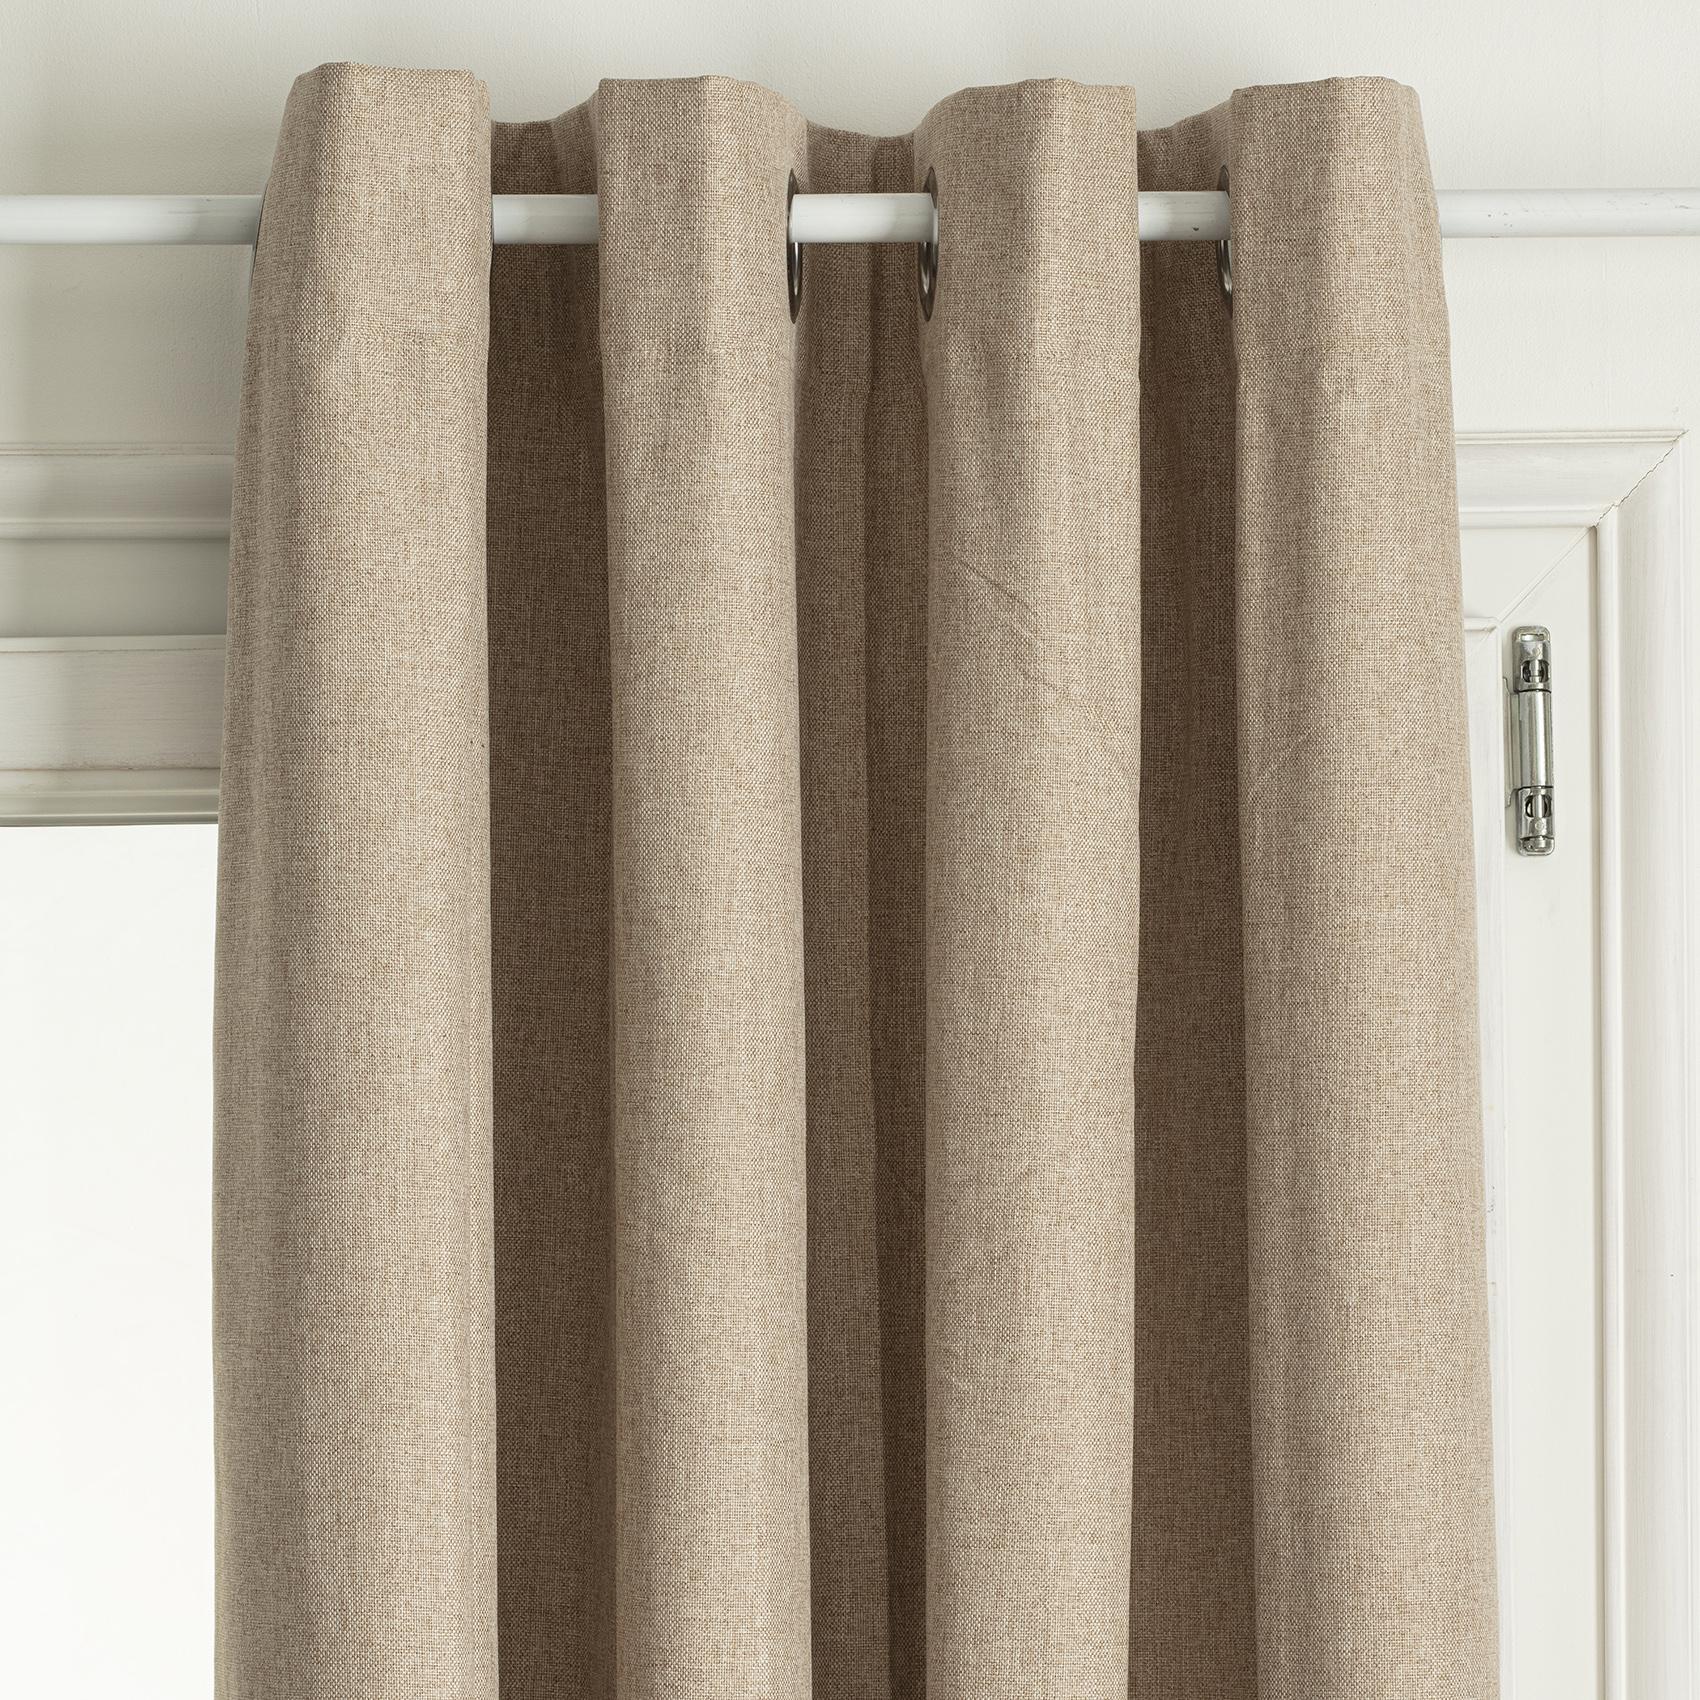 Rideau occultant total avec couche d'enduit polyester lin 260x140